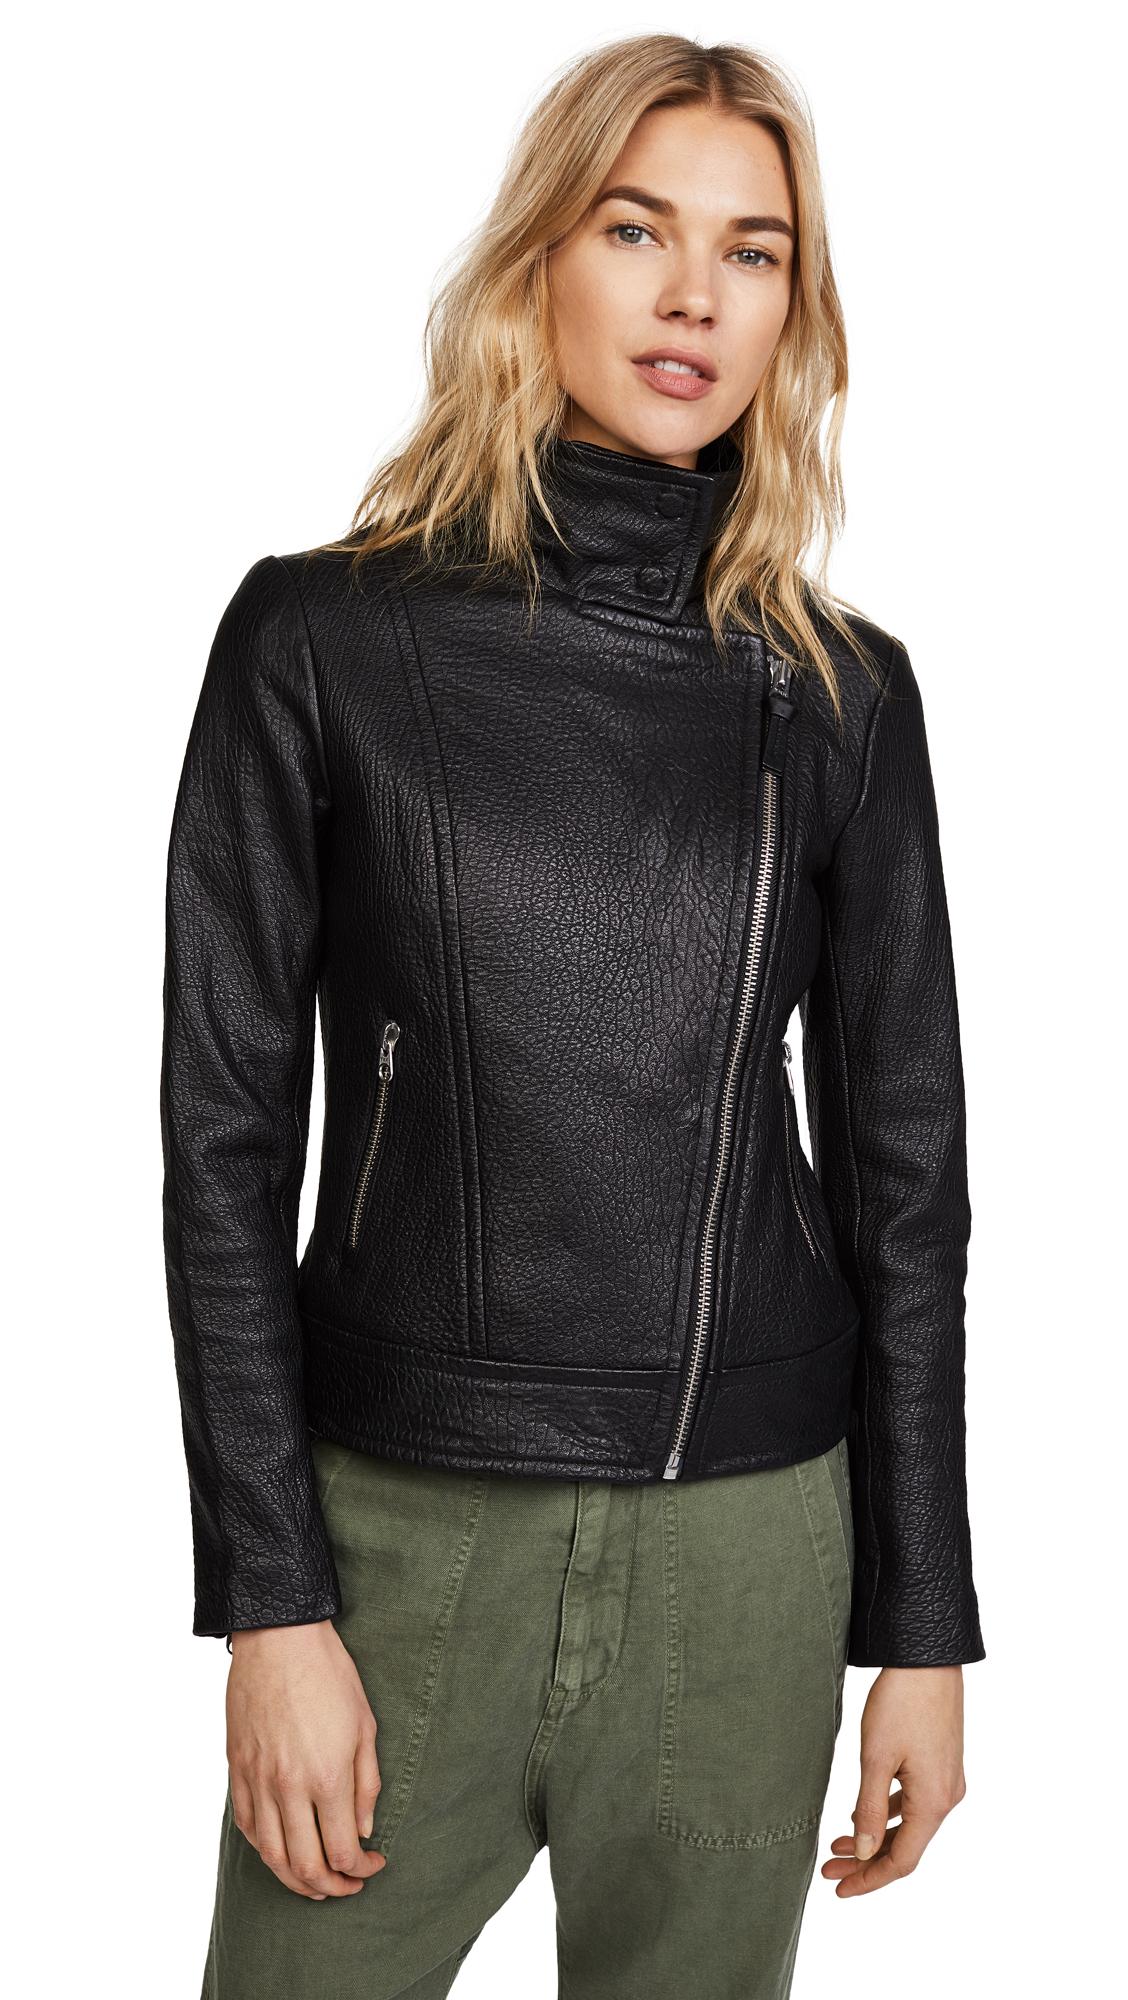 Mackage Lisa Pebbled Leather Jacket - Black